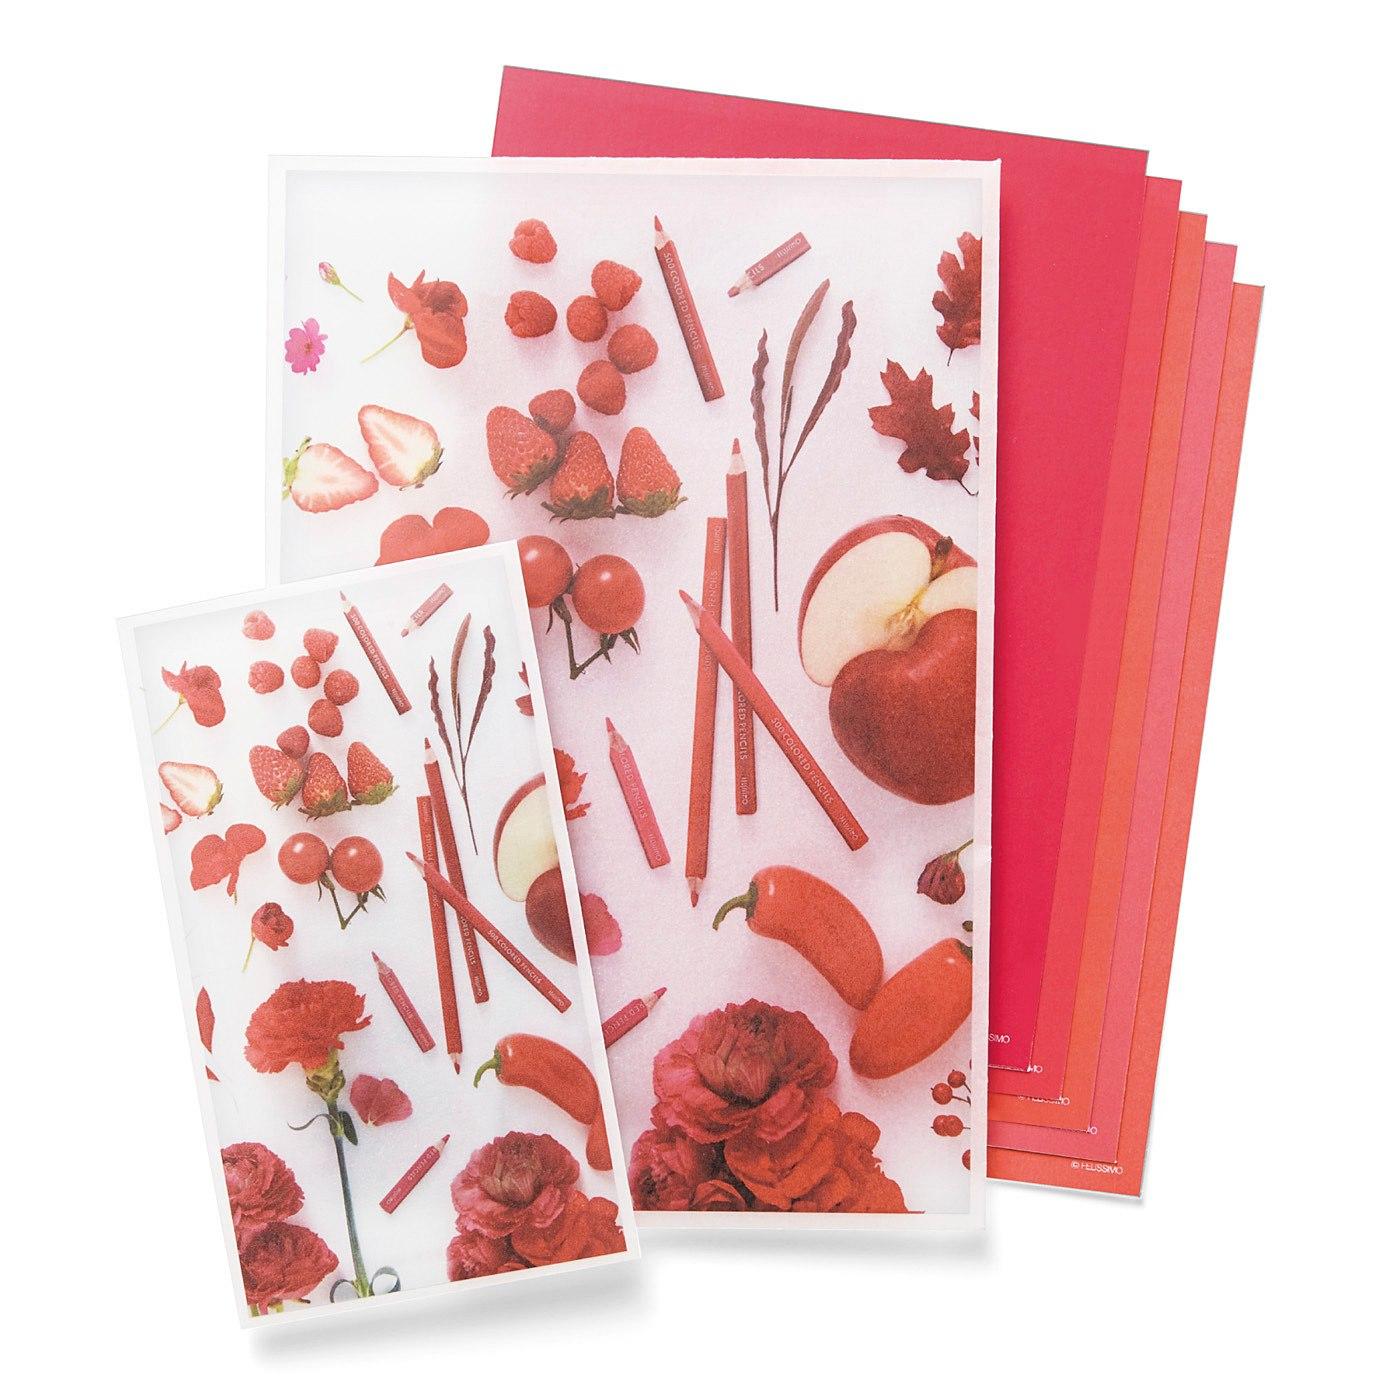 500色の色えんぴつ TOKYO SEEDS カラーメッセージを贈ろう!透け感にときめくギフト袋セットの会